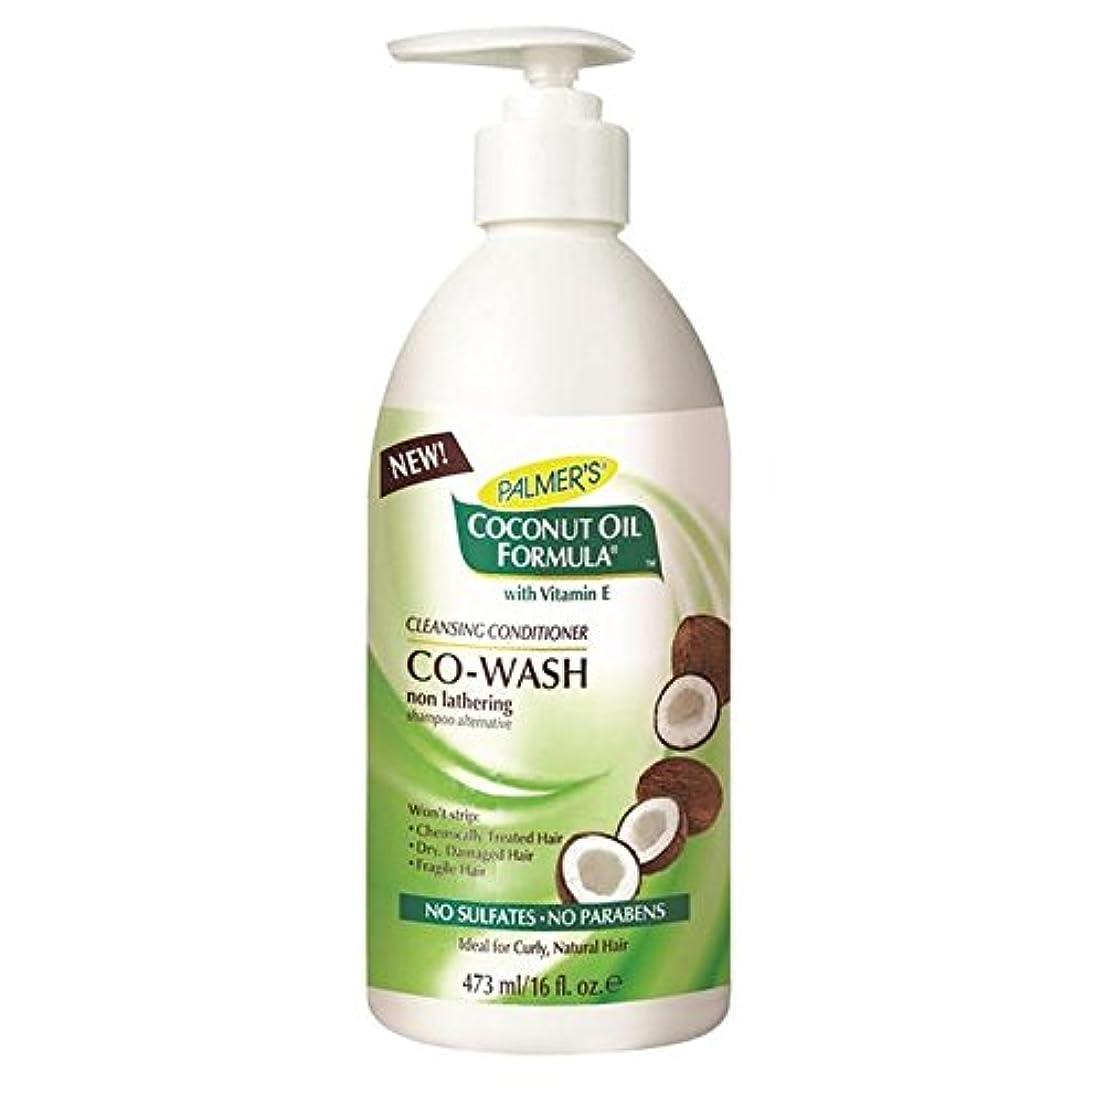 帝国主義休憩する変装Palmer's Coconut Formula Co-Wash Cleansing Conditioner, Shampoo Alternative 473ml (Pack of 6) - パーマーのココナッツ式コウォッシュクレンジングコンディショナー...